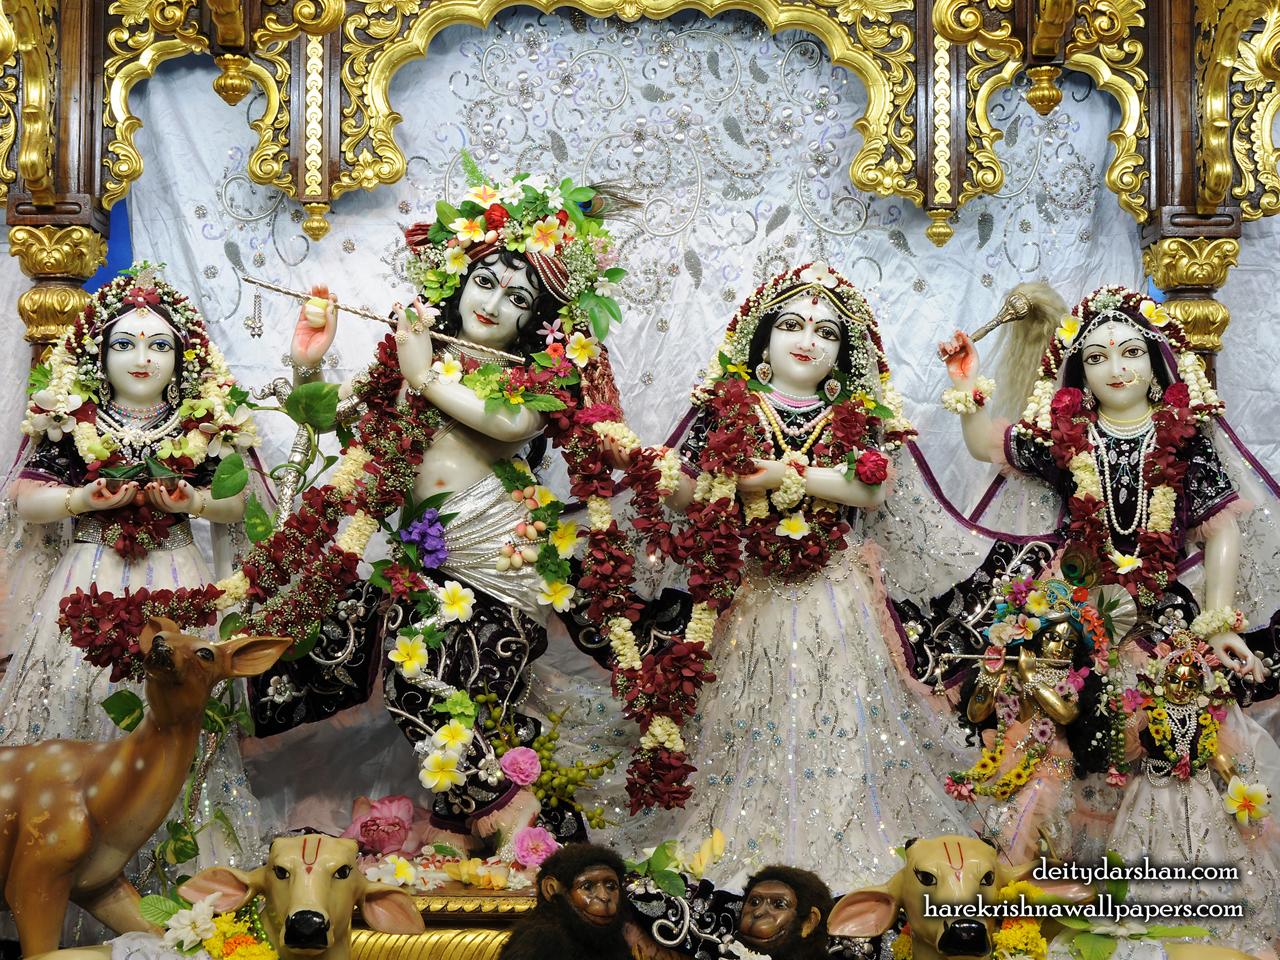 Sri Sri Radha Gopinath Lalita Vishakha Wallpaper (073) Size 1280x960 Download